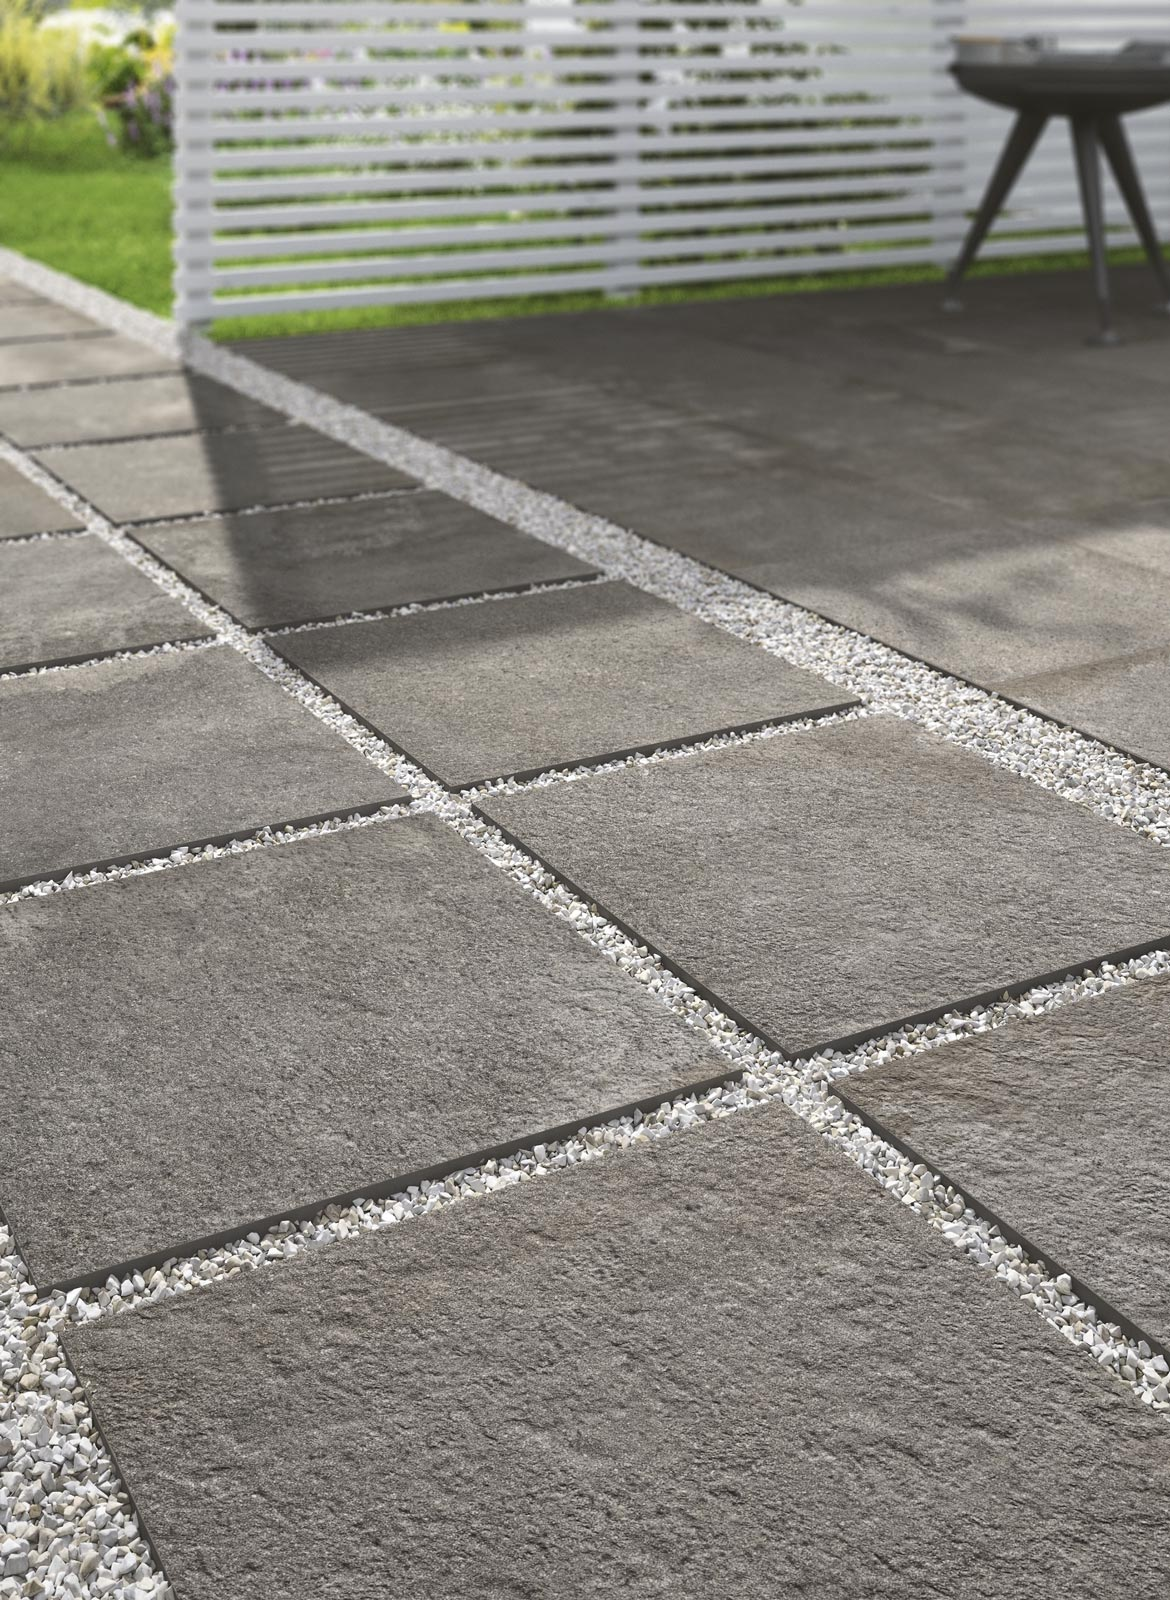 Collezione stoneway porfido xt20 gres porcellanato 20mm ragno - Pavimento da esterno carrabile ...